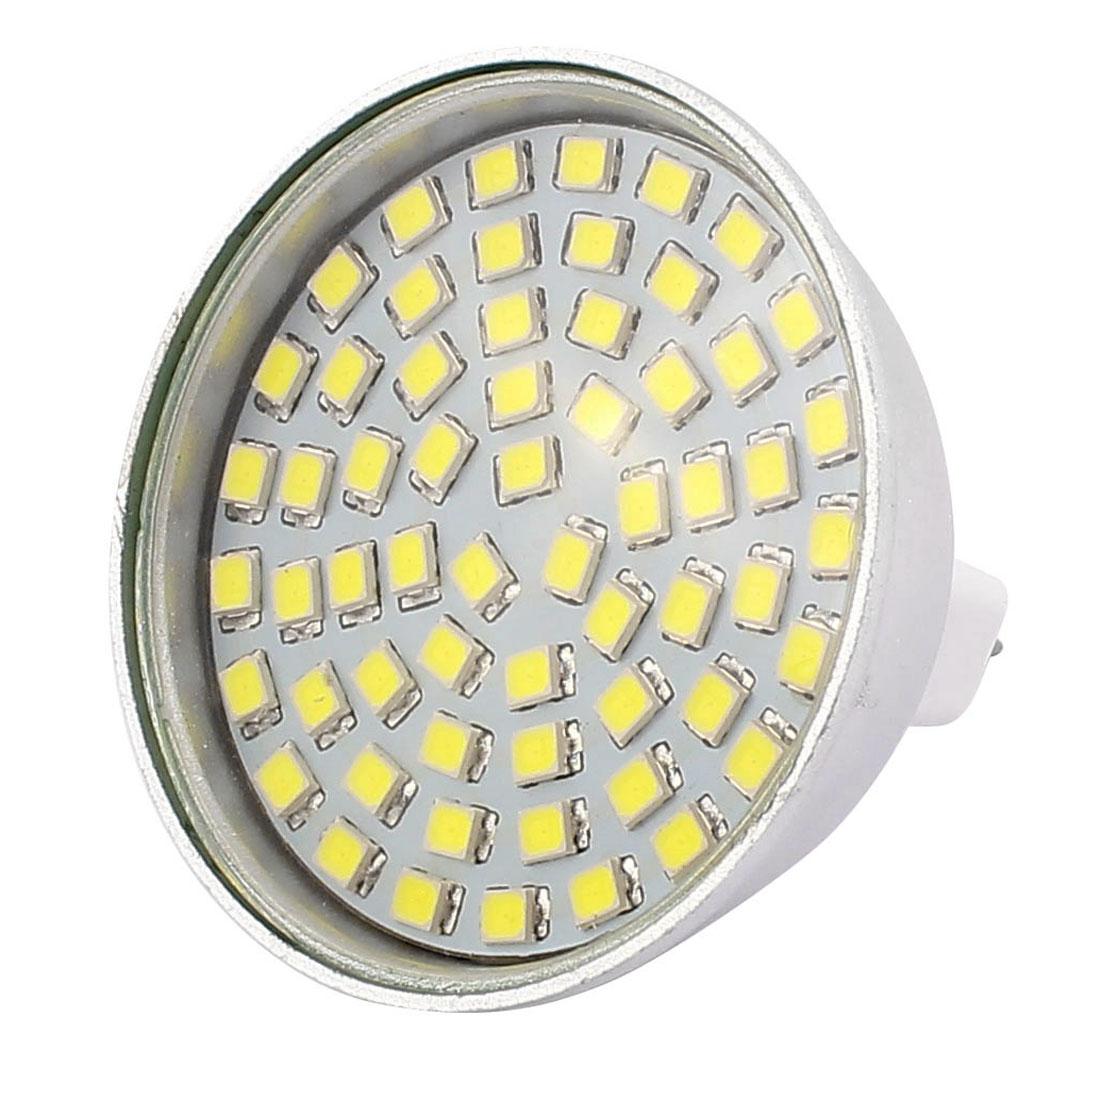 220V 6W MR16 2835 SMD 60 LEDs LED Bulb Light Spotlight Lamp Energy Saving White